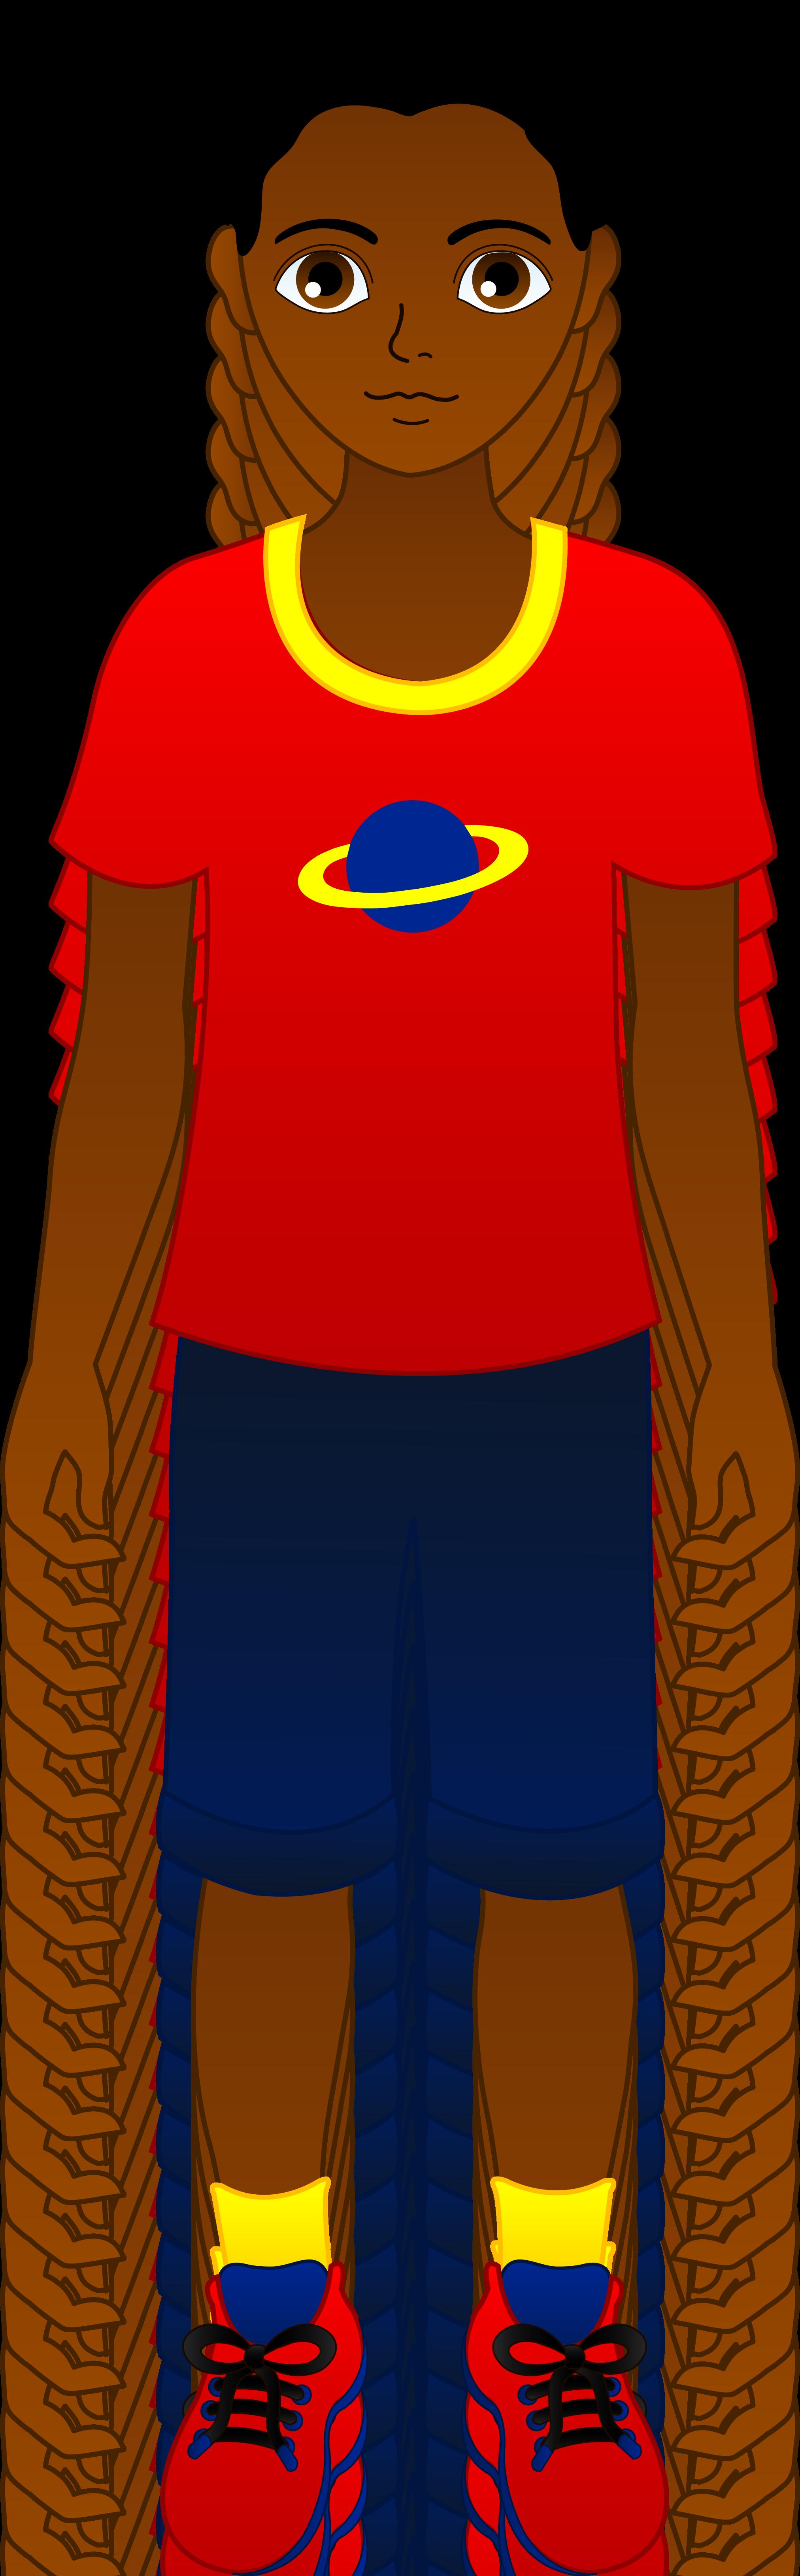 Clip Art African American Hair Clipart - Clipart Kid